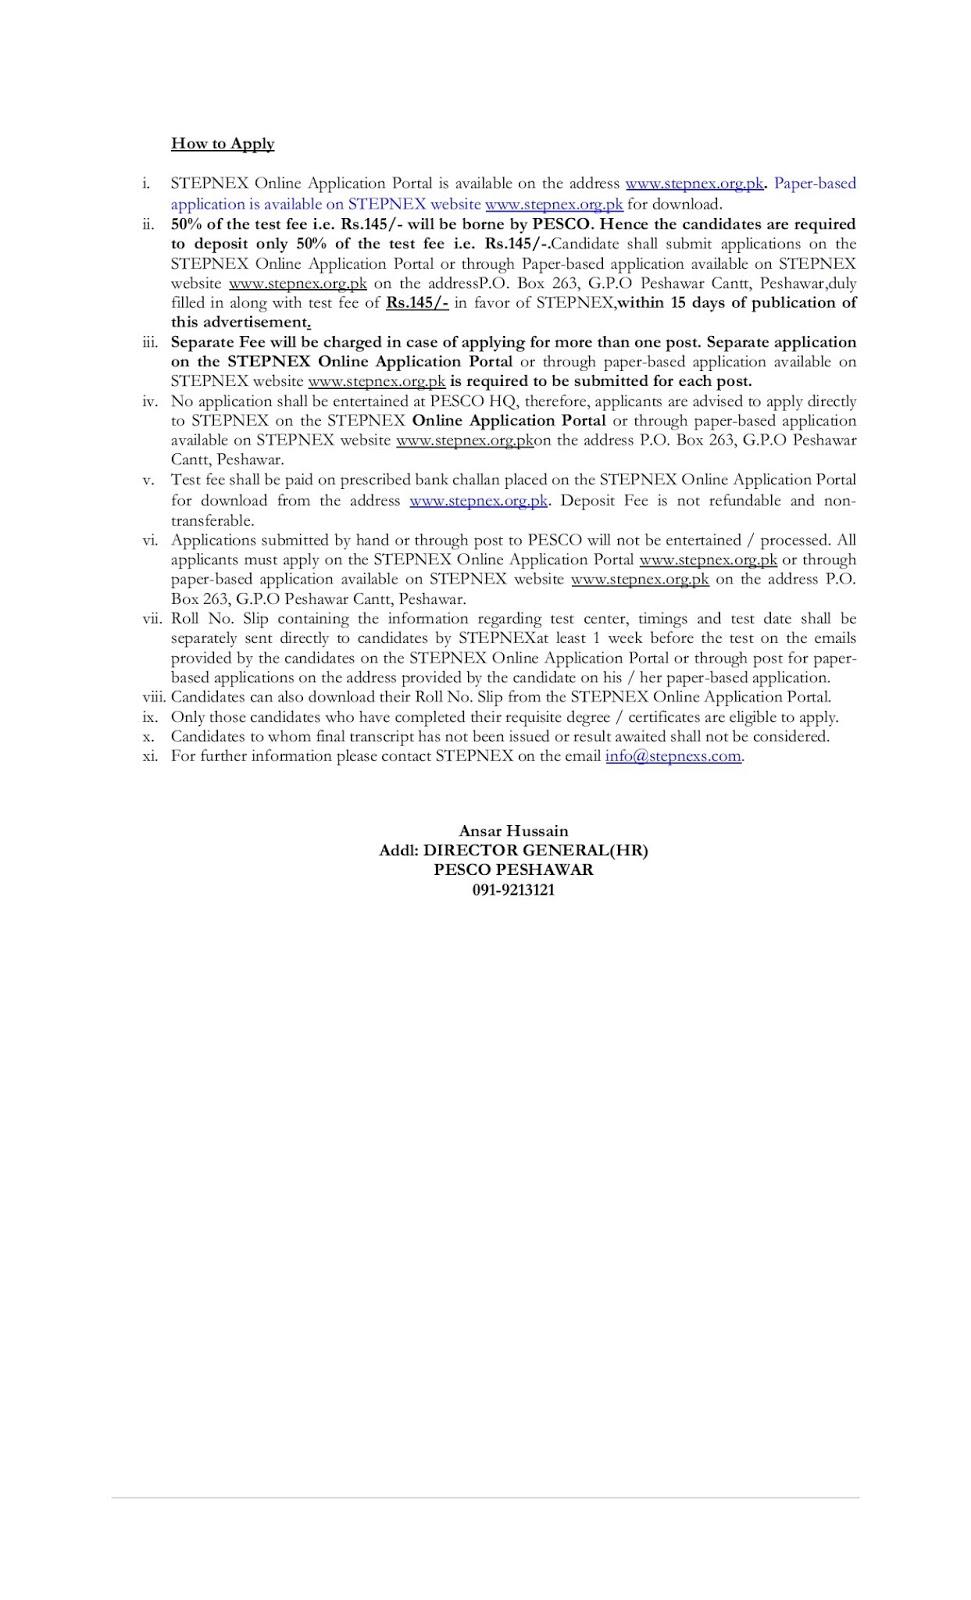 Peshawar Electric Supply Company PESCO Jobs 2019 for SDO/Junior Engineer & Revenue Officer